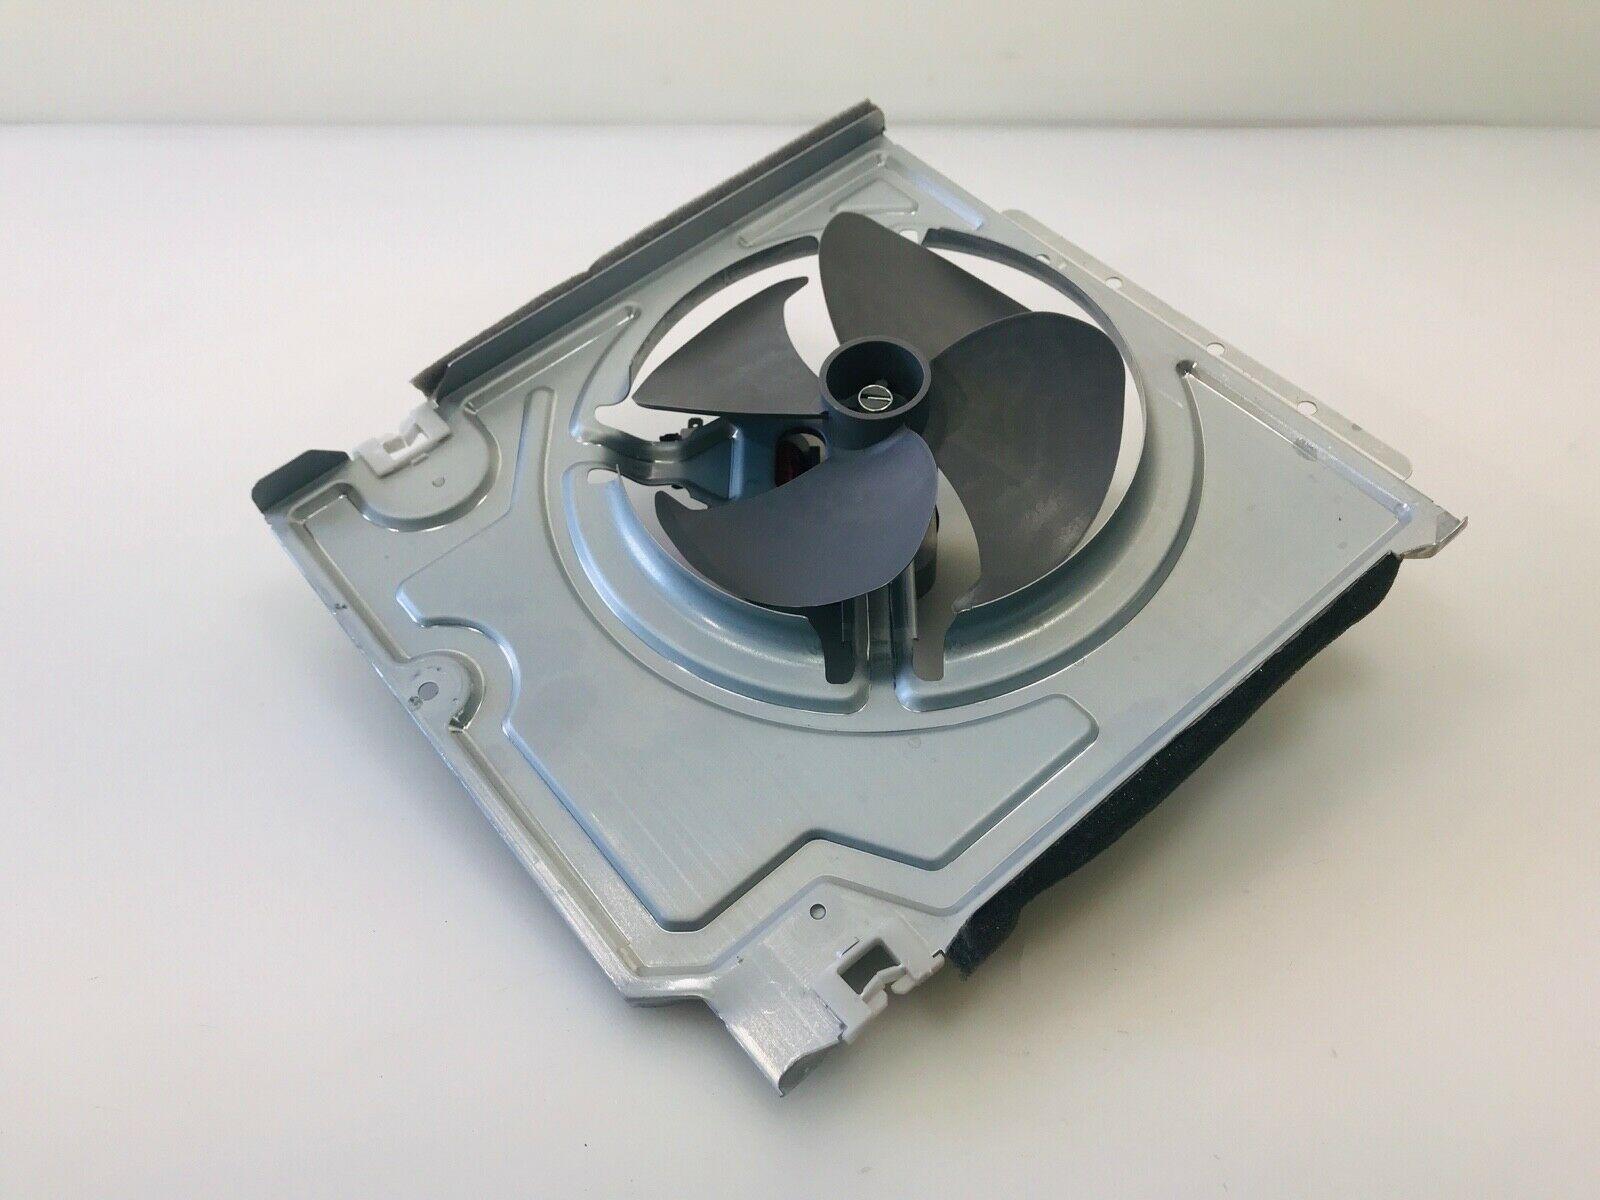 Samsung Microwave Cooling Fan Motor w/Blade & Housing DE31-00045B DE31-00064A